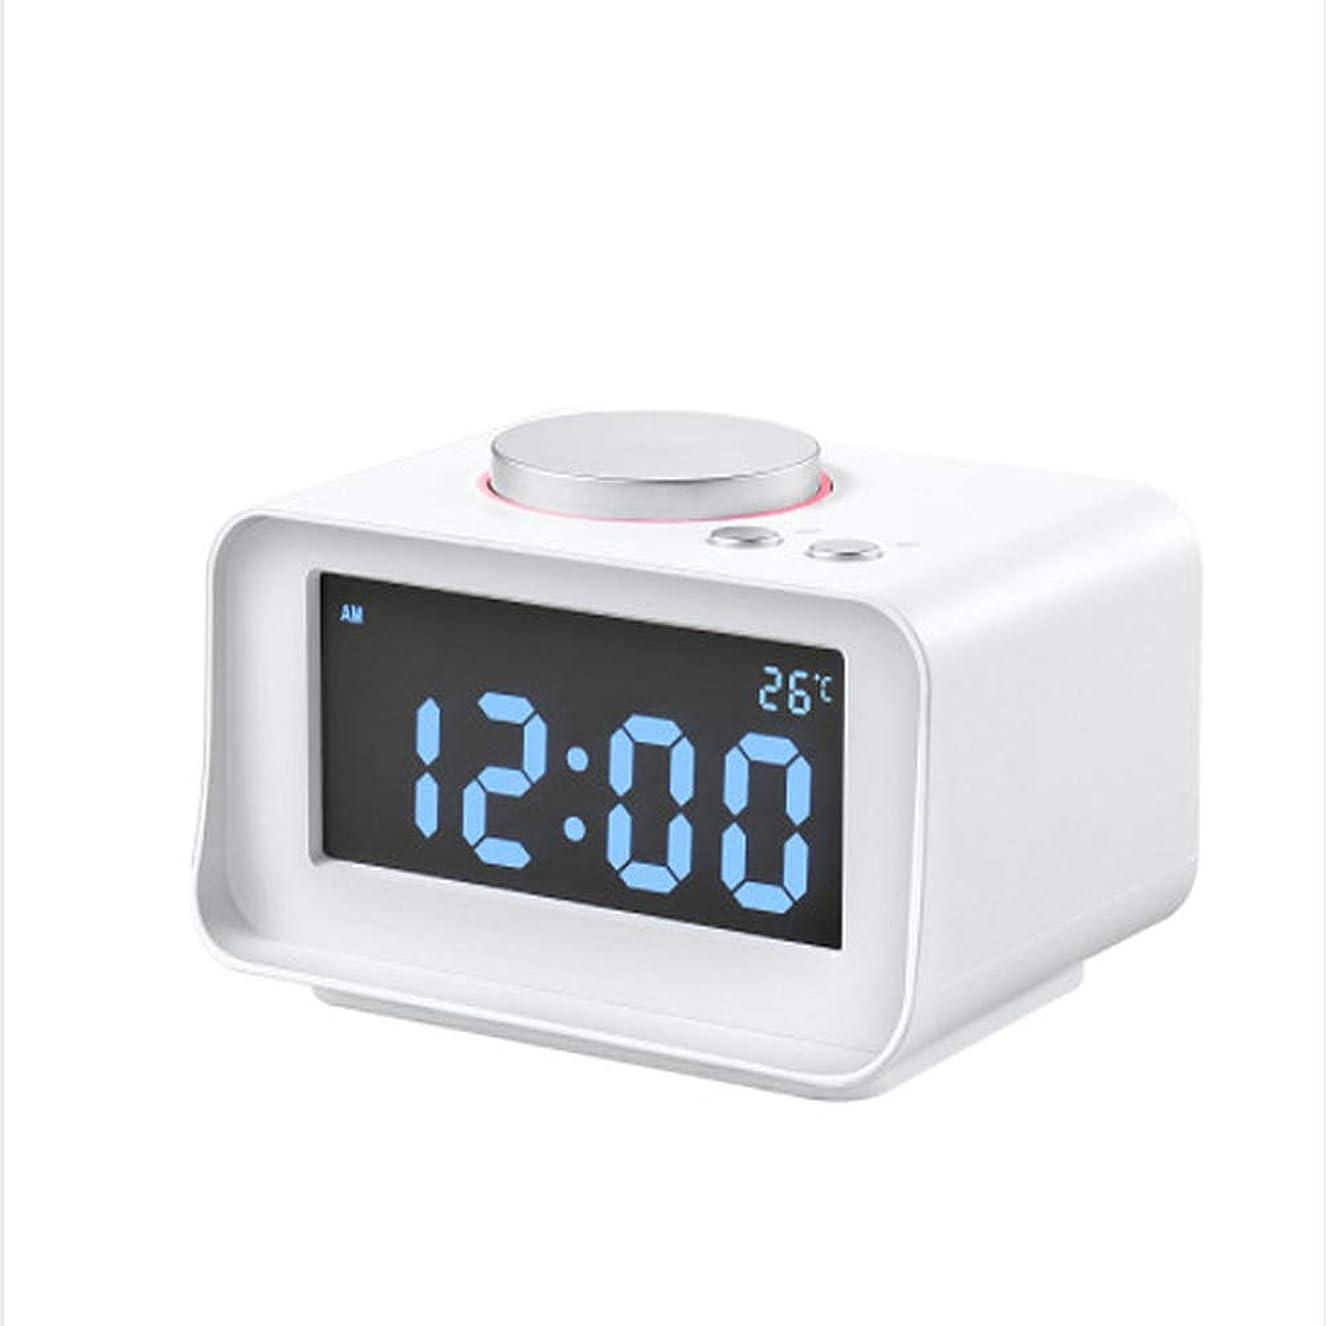 ゴシップ会社当社多機能デジタルの目覚まし時計、無線ブルートゥースのスピーカーの目覚し時計は表示夜ライト温度の居眠りの充満、電池の二重使用を導きました,White